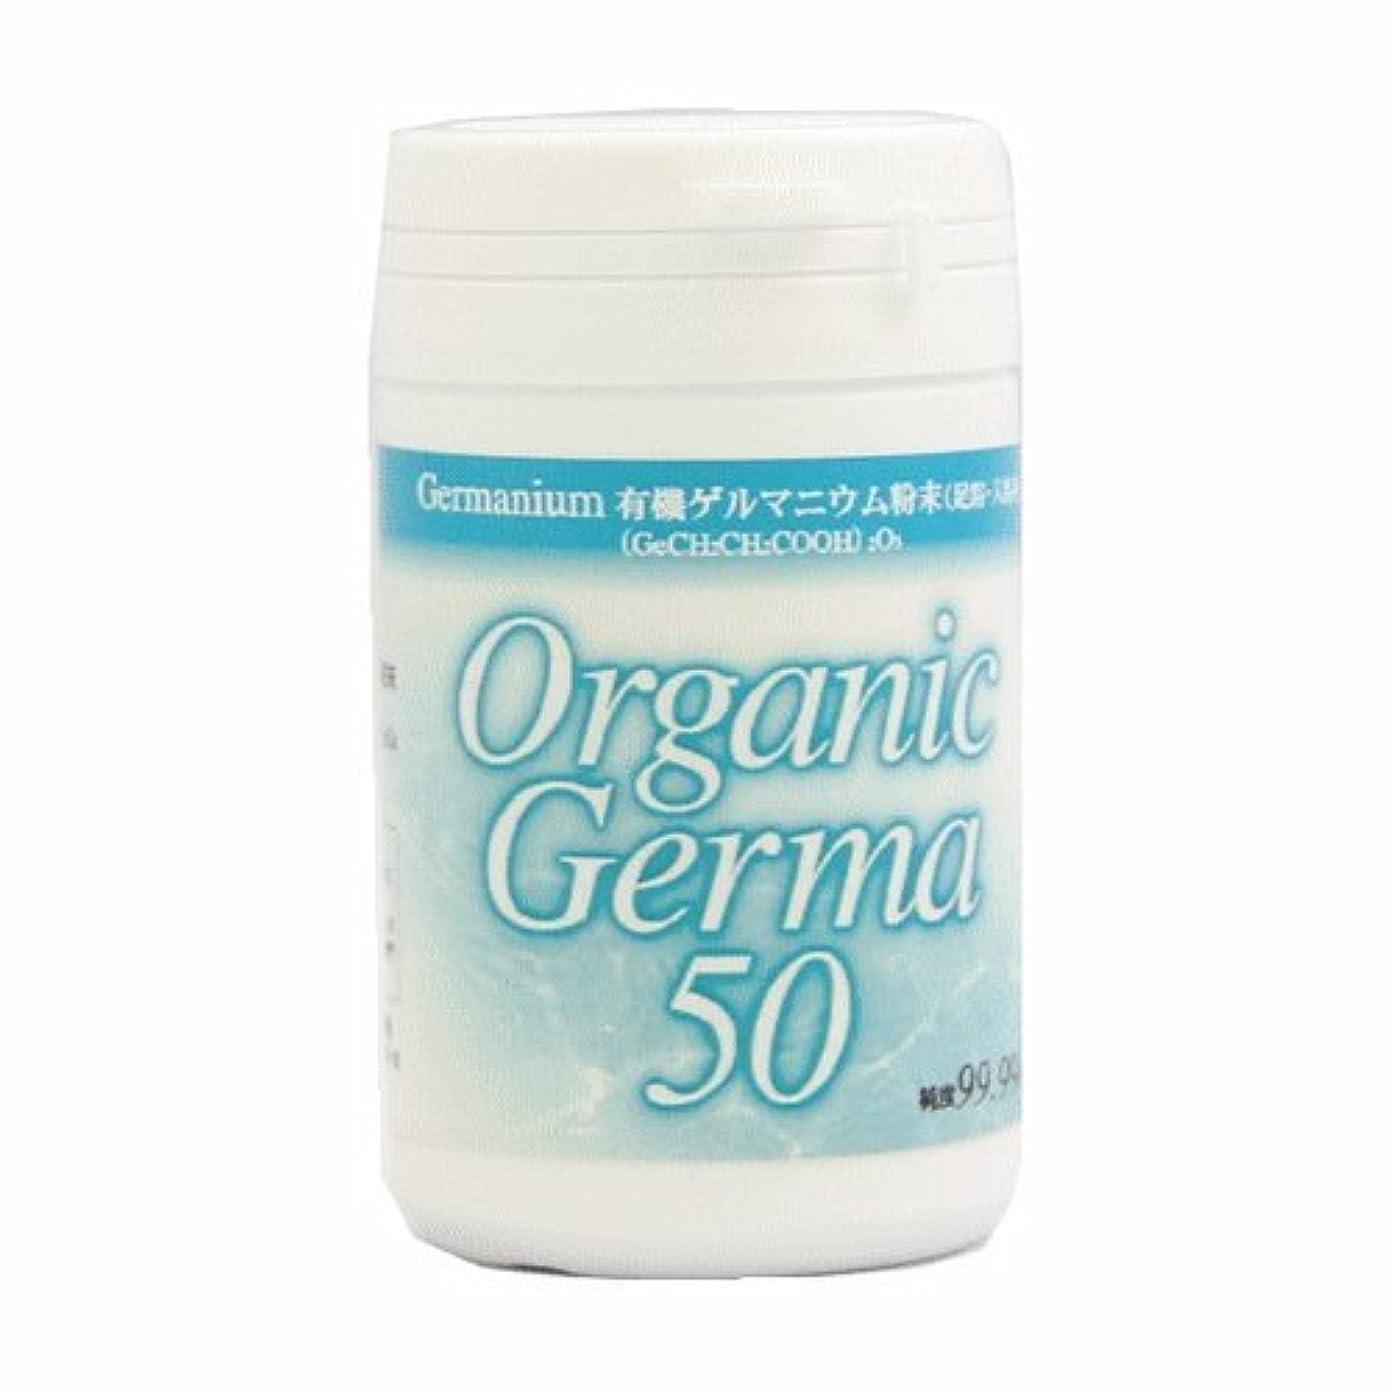 爆発する休みリーチ【有機 ゲルマニウム 粉末 50g (Ge-132) 99.99% 温浴用】 ゲルマ パウダー